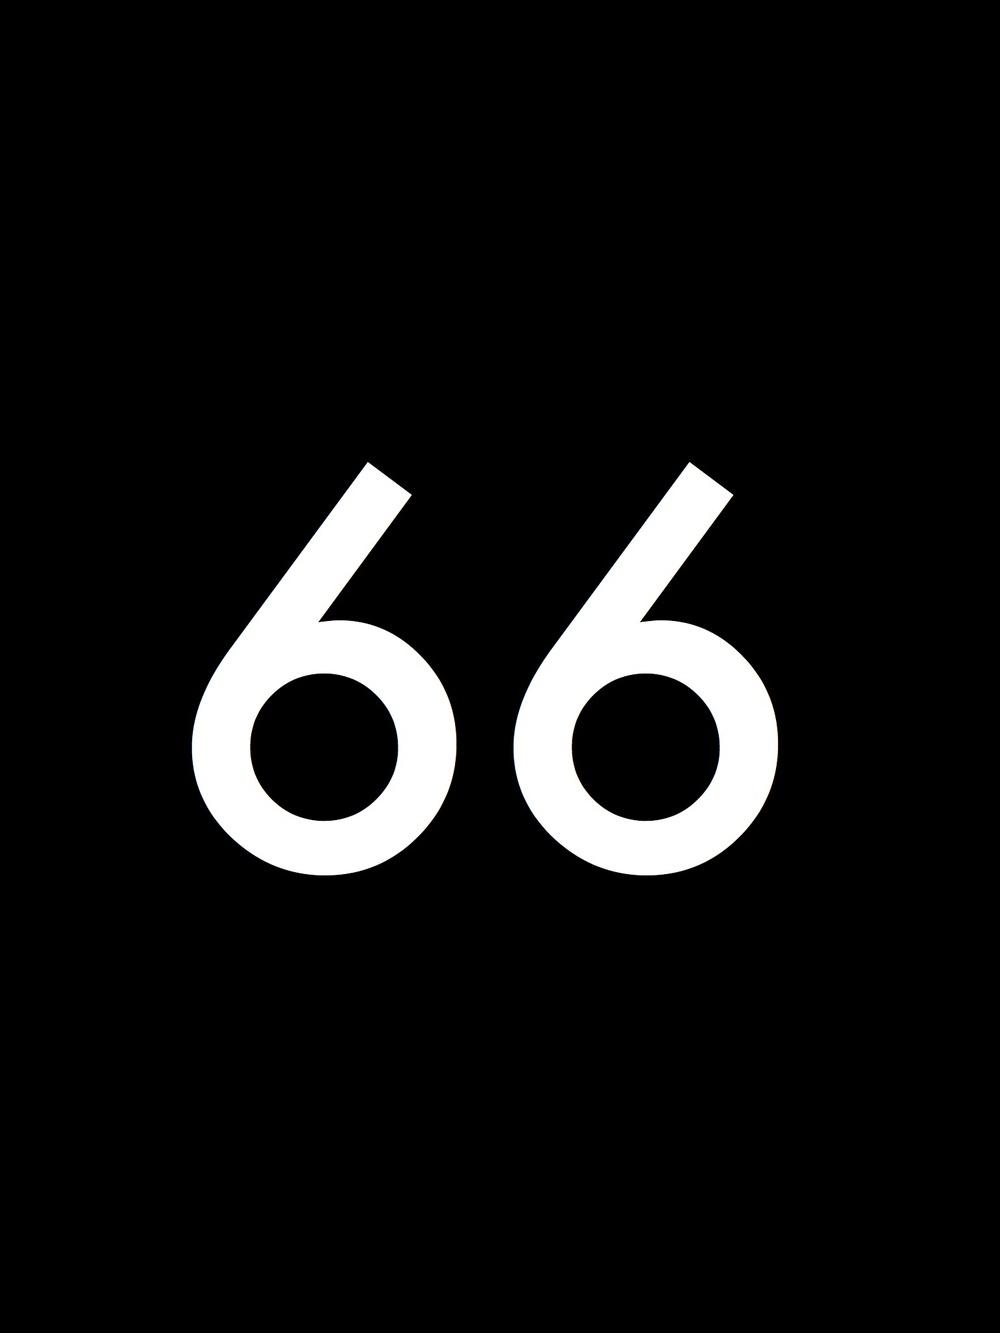 Black_Number.066.jpg